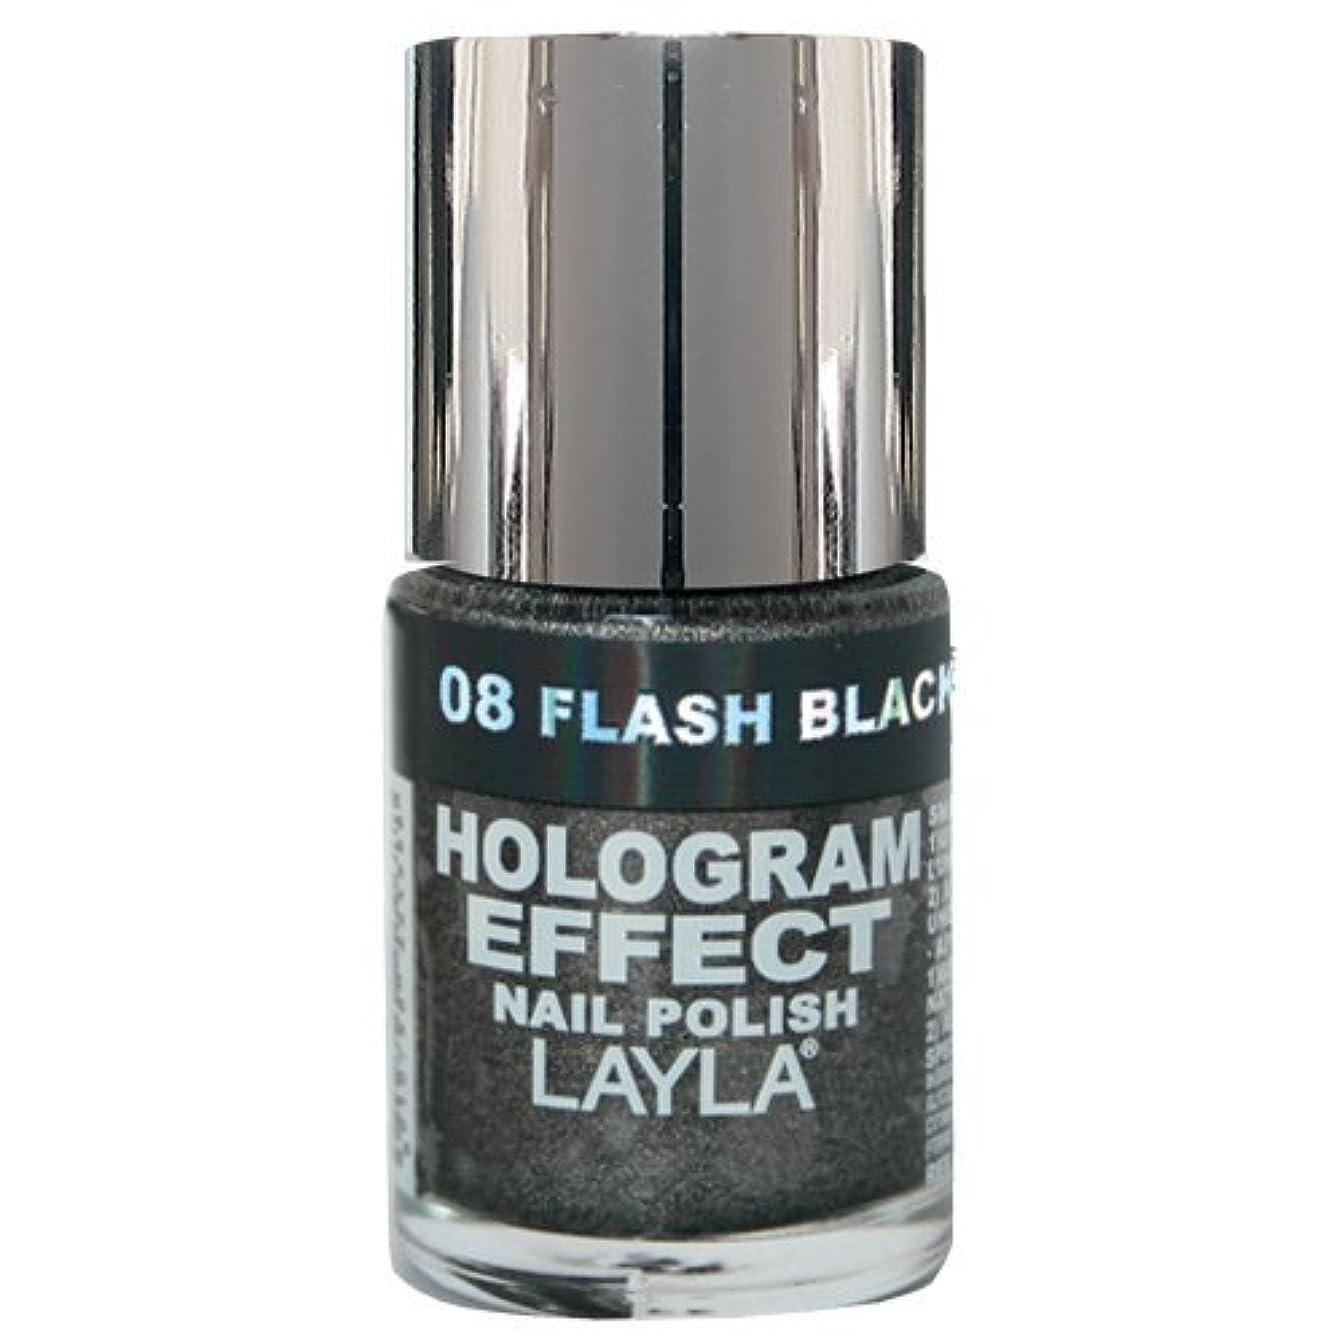 作詞家経由で連隊Layla Cosmetics Hologram Effect Nail Polish Flash Black 10ml